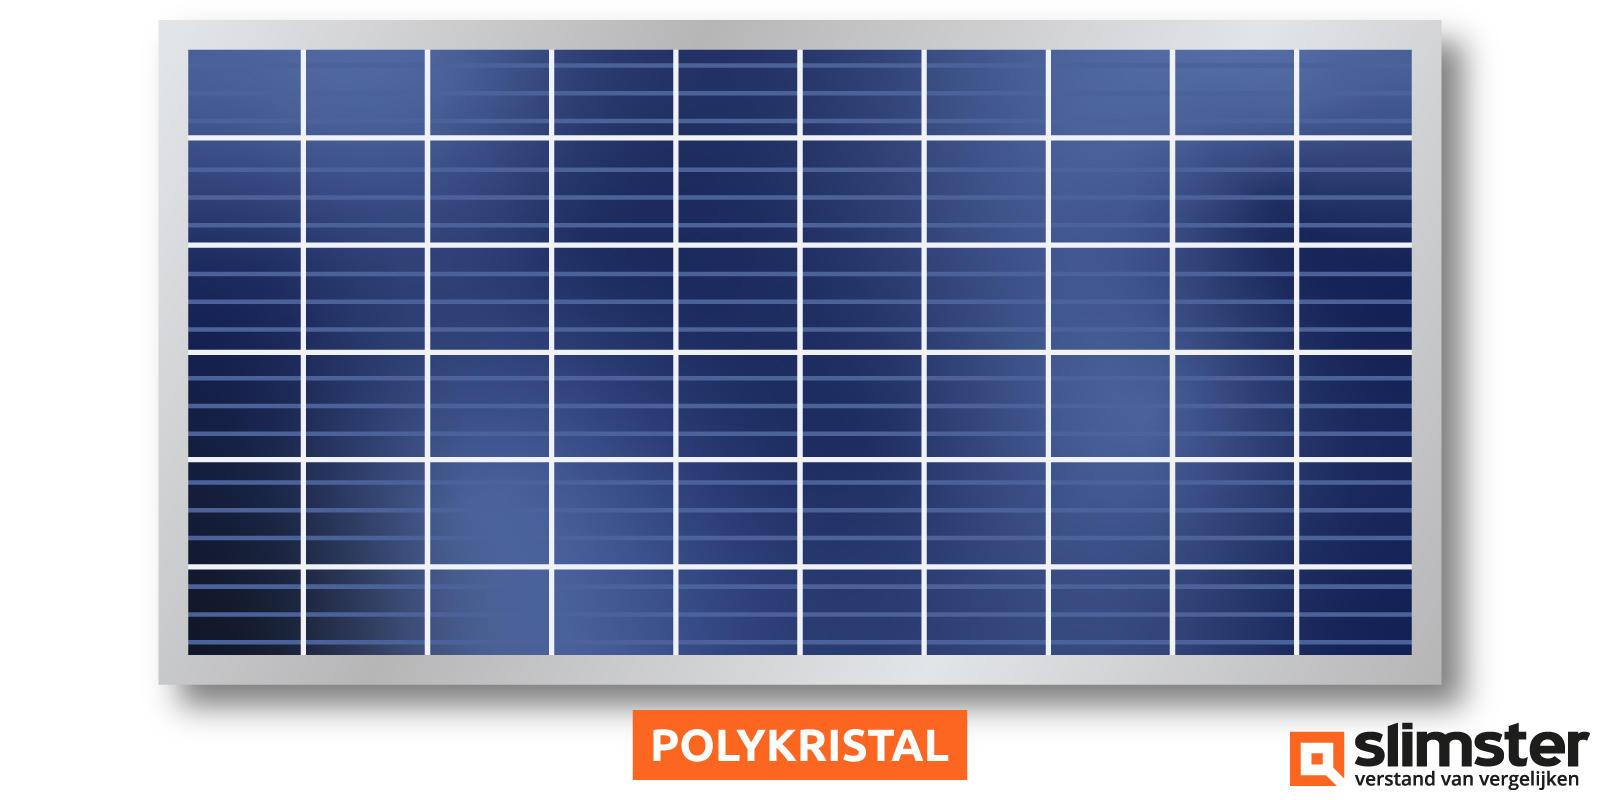 polykristal zonnepanelen